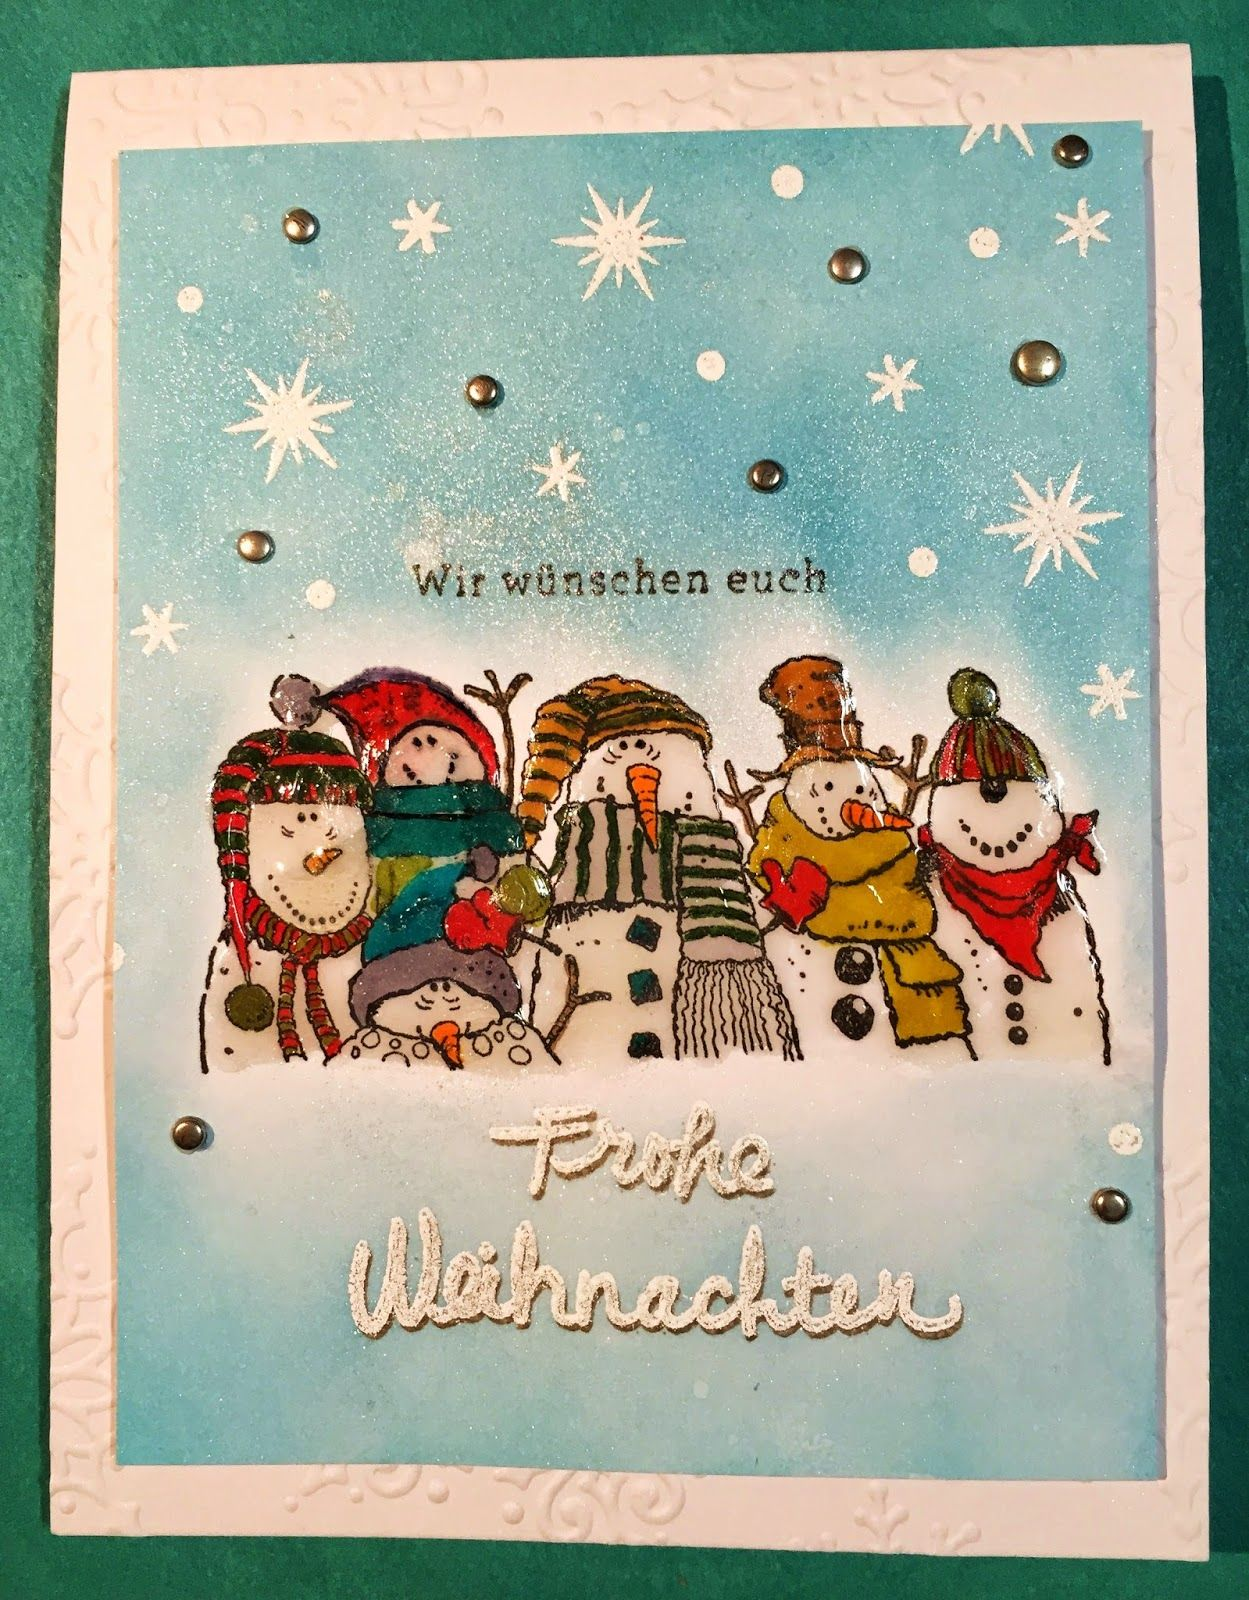 E Cards Weihnachten.Stempeltatze Stampin Up Holiday Line Up Fröhliche Weihnachten